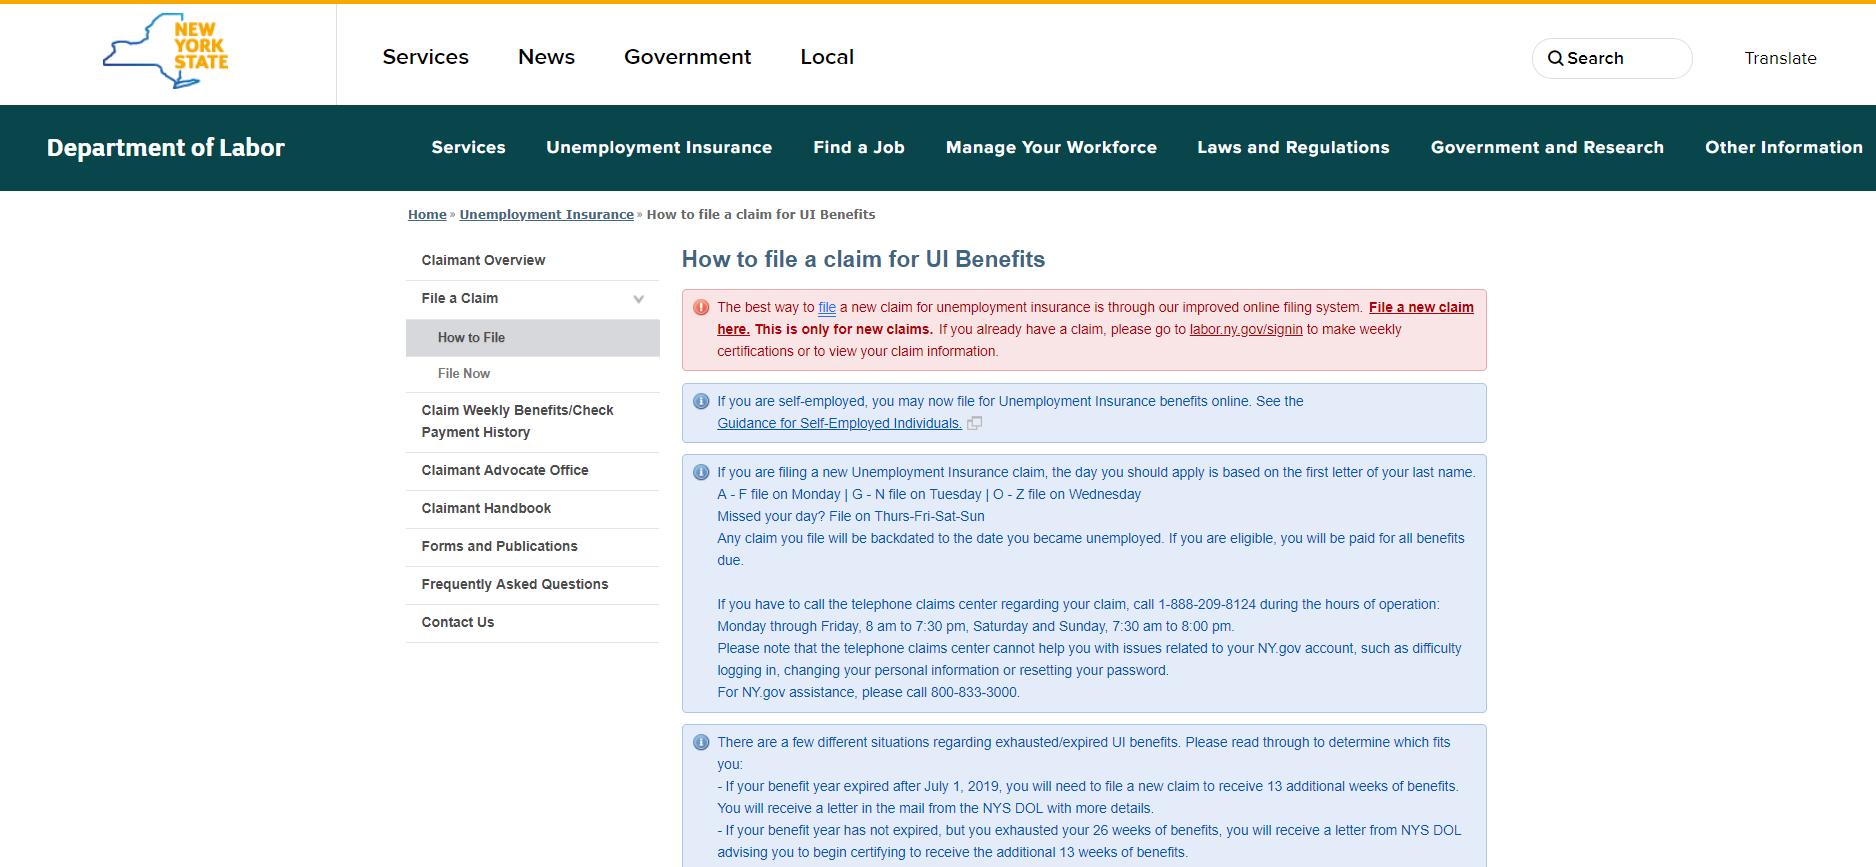 谁有资格申请失业金?拿失业金会影响绿卡和入籍?